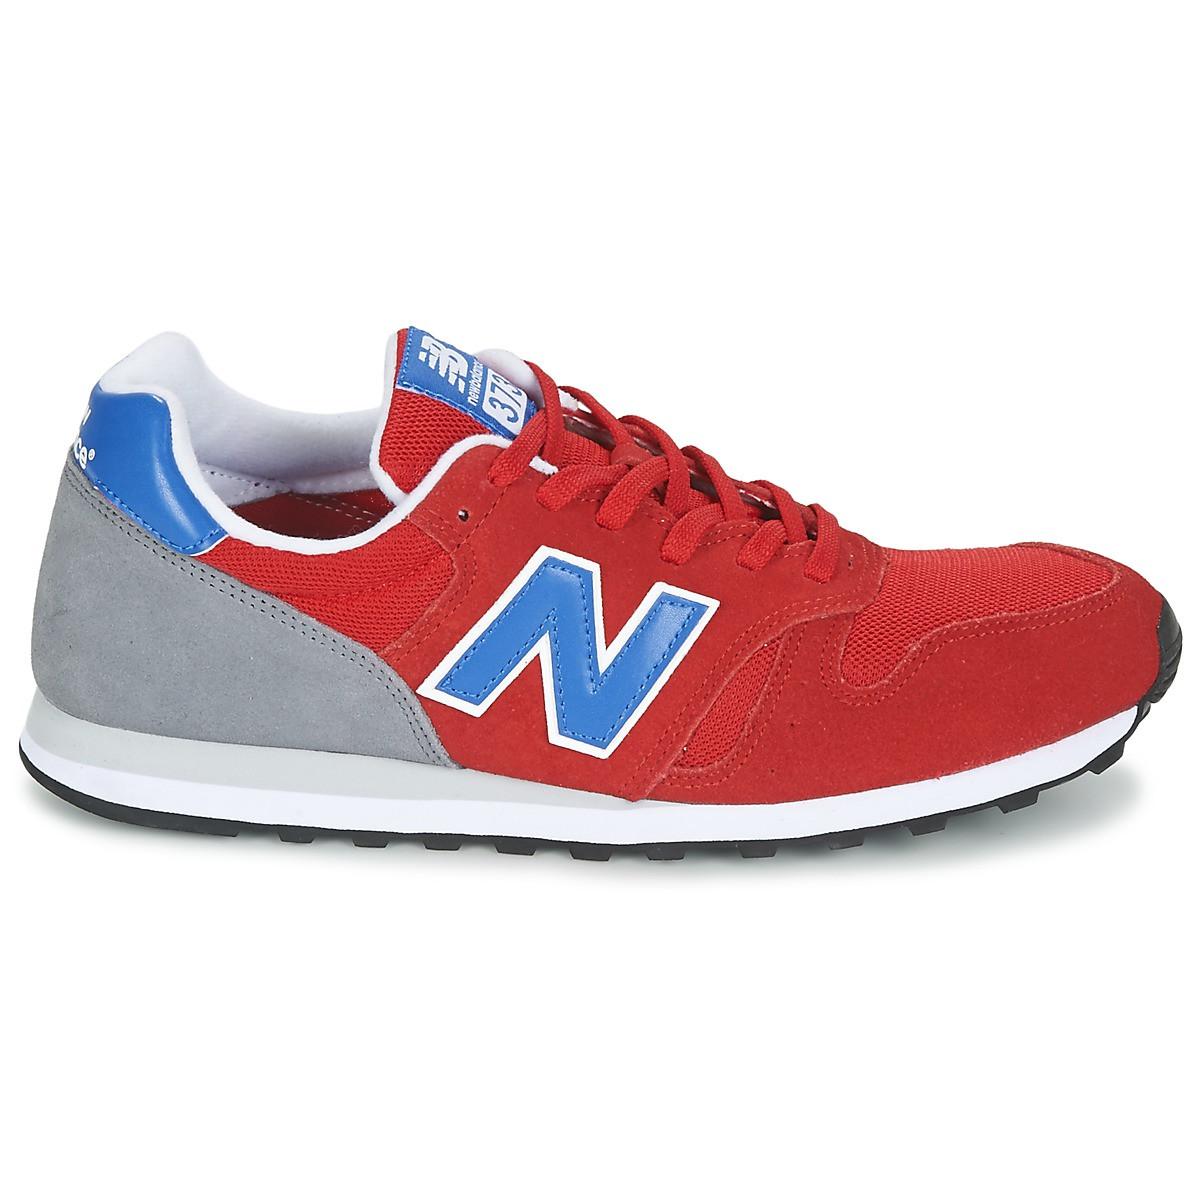 Ml373 Chaussure Garcon